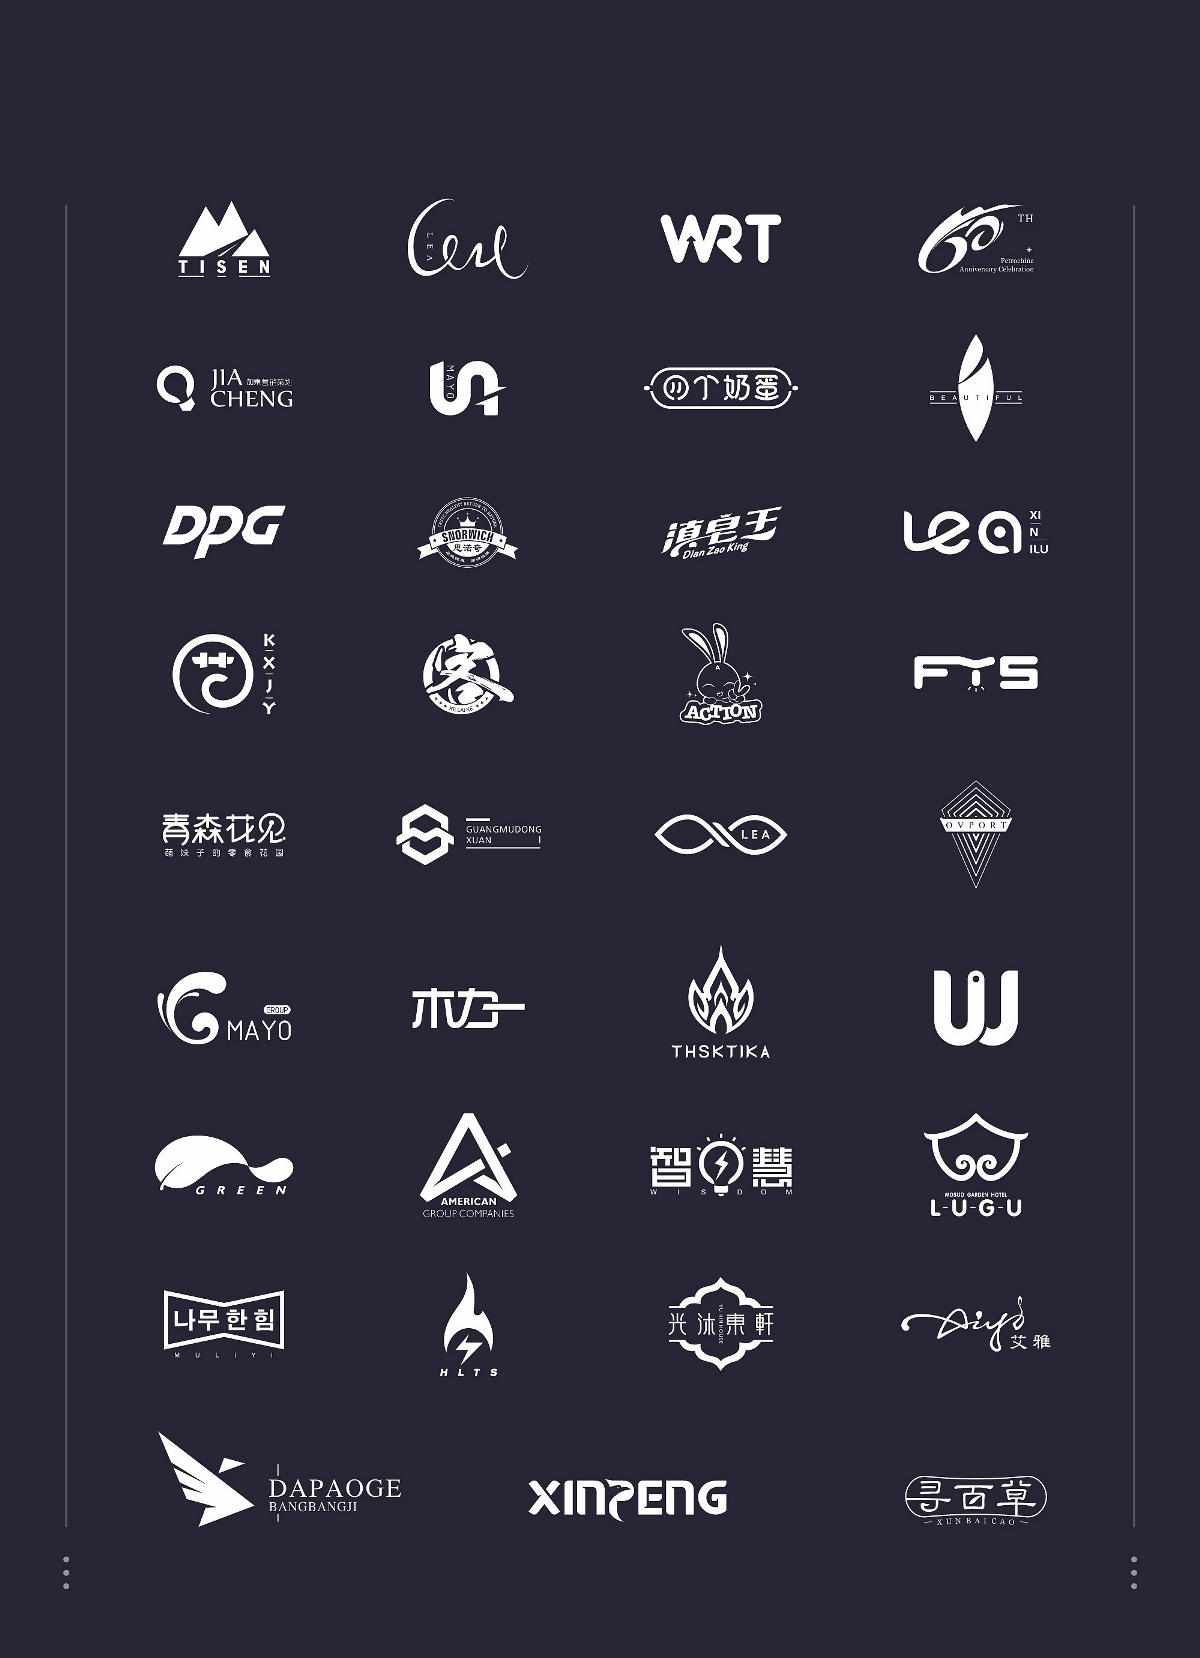 2017年-品牌LOGO部分整理